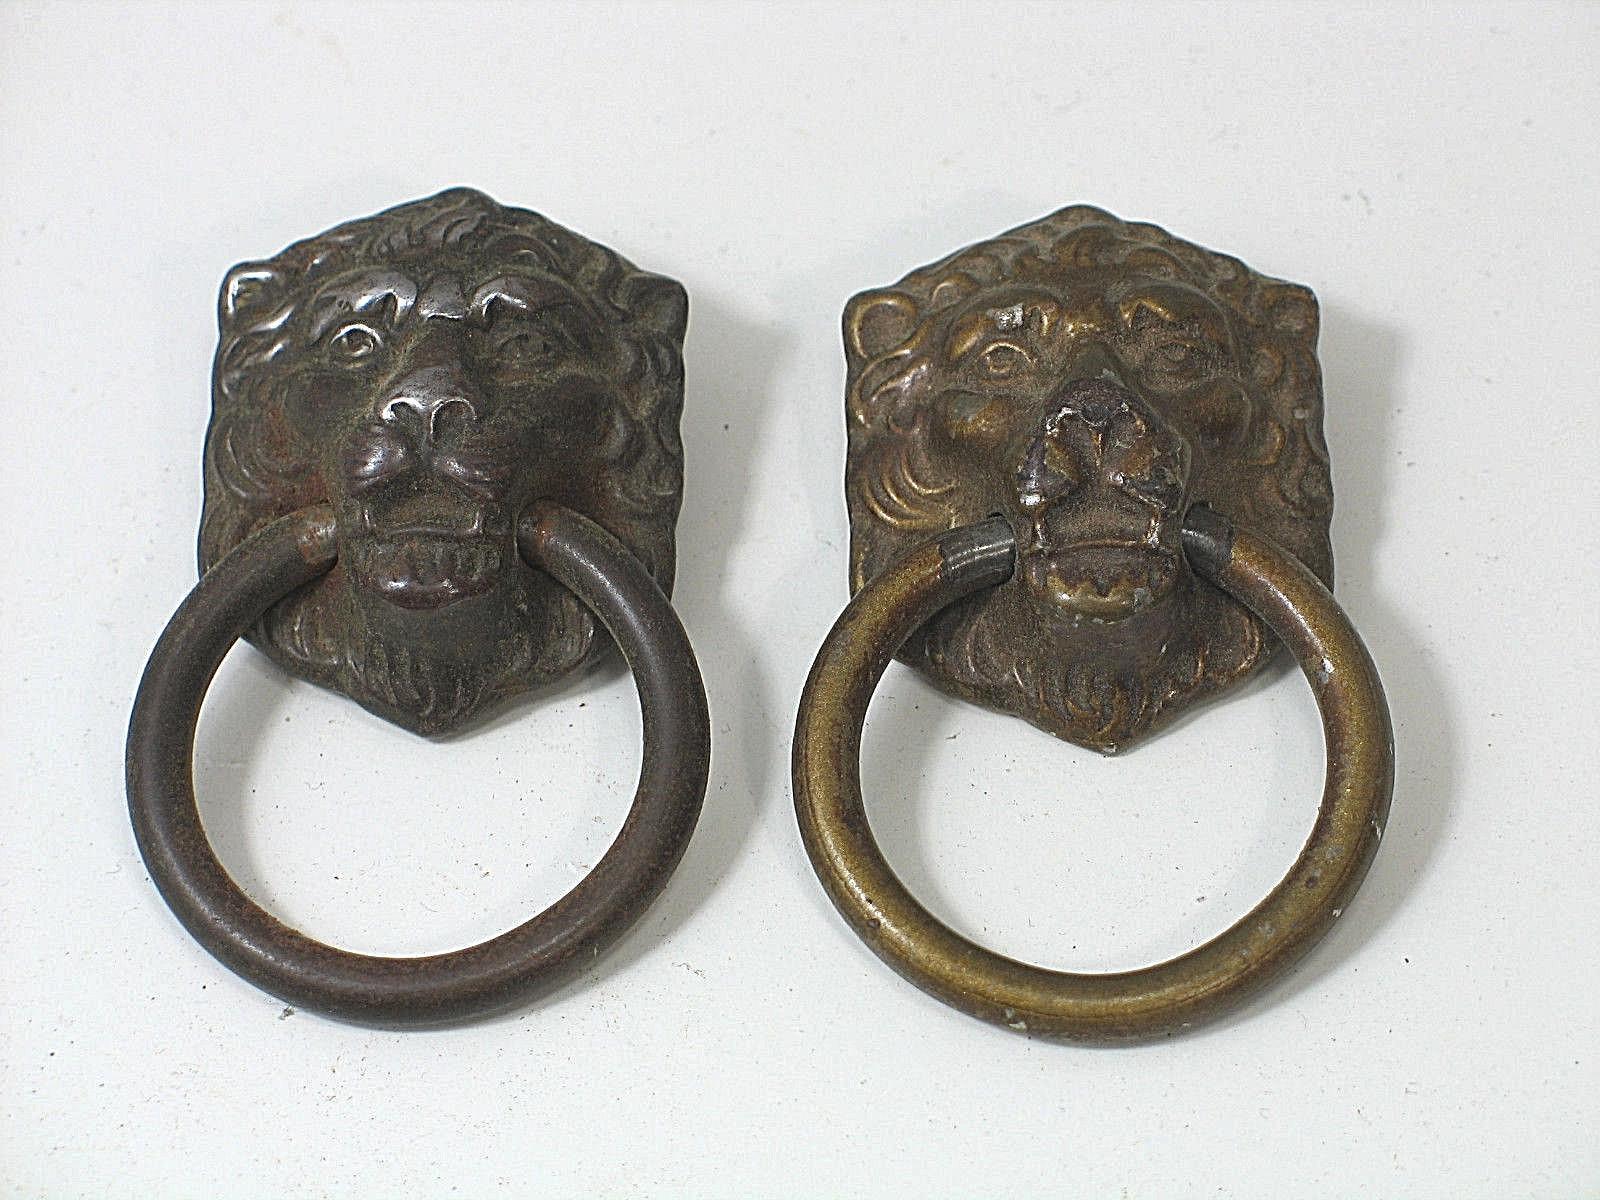 Set Of 2 Antique Lion Head Drawer Pull Furniture Handles Vintage For Item 1863750